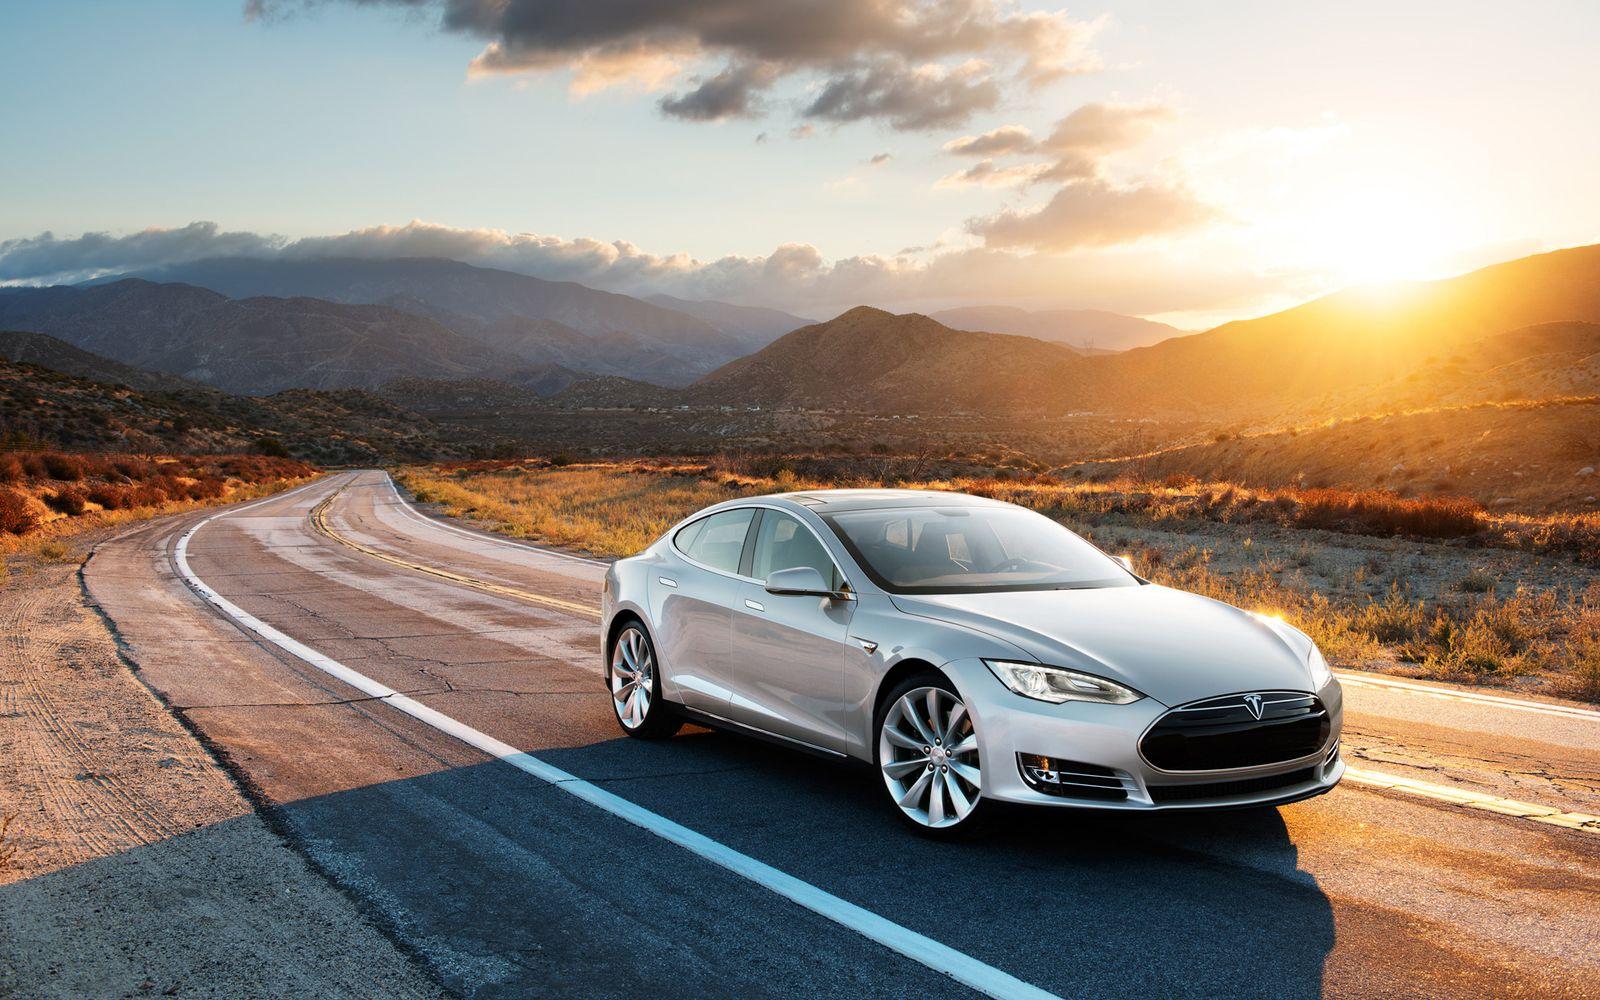 2013 / Tesla Model S